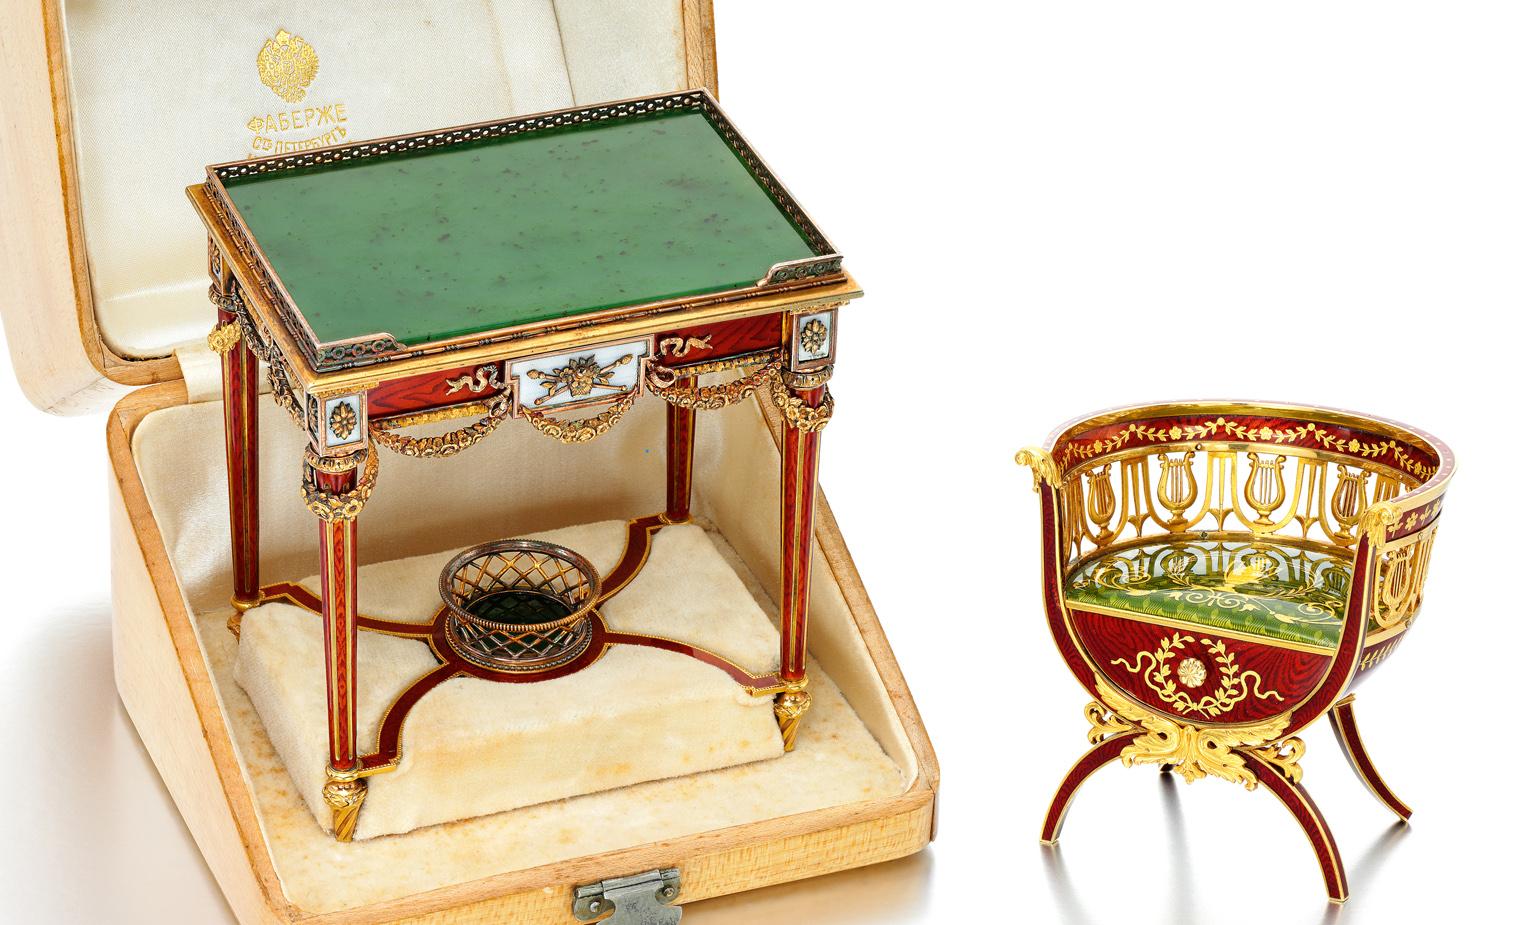 Миниатюрный письменный стол и кресло фирмы Карла Фаберже